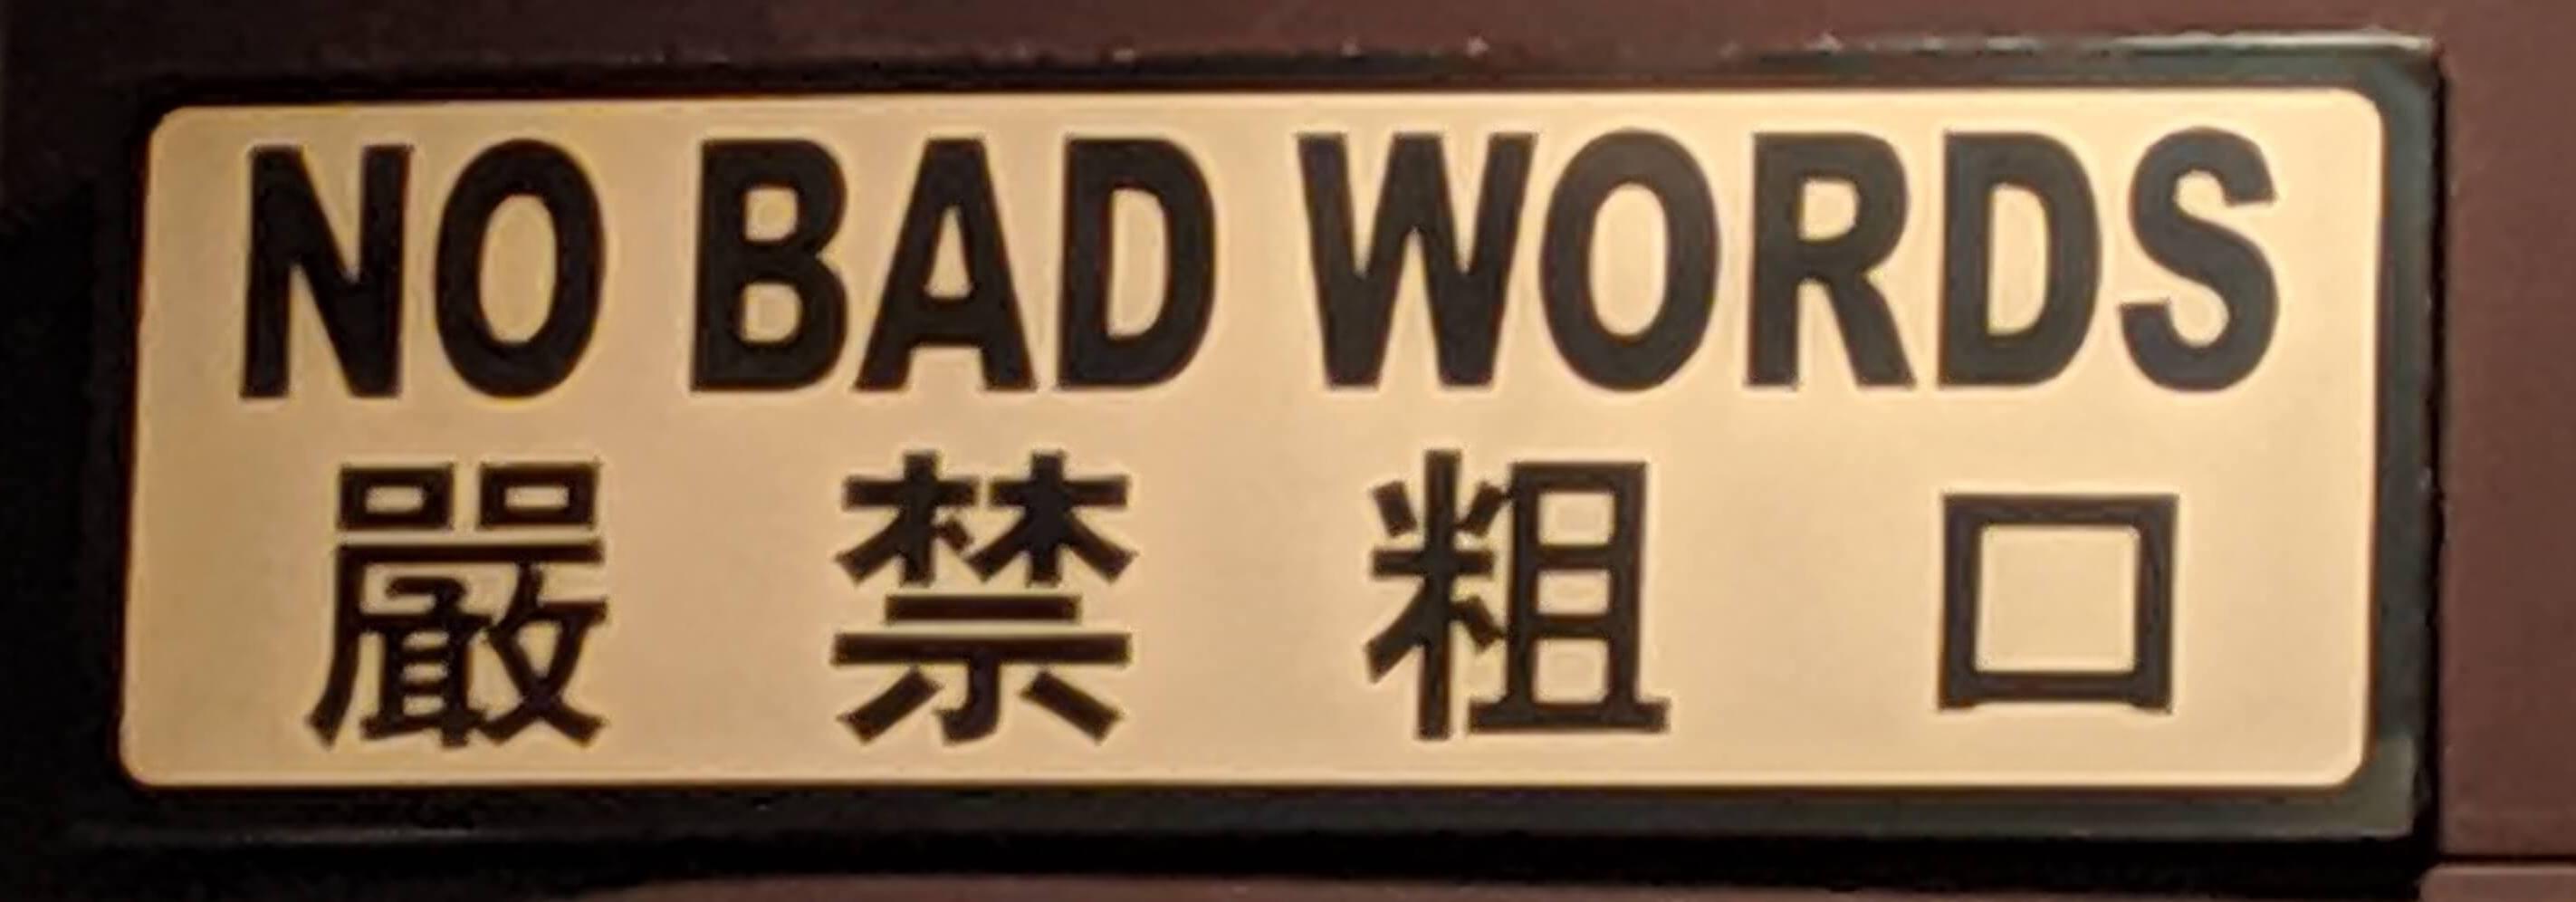 no bad words